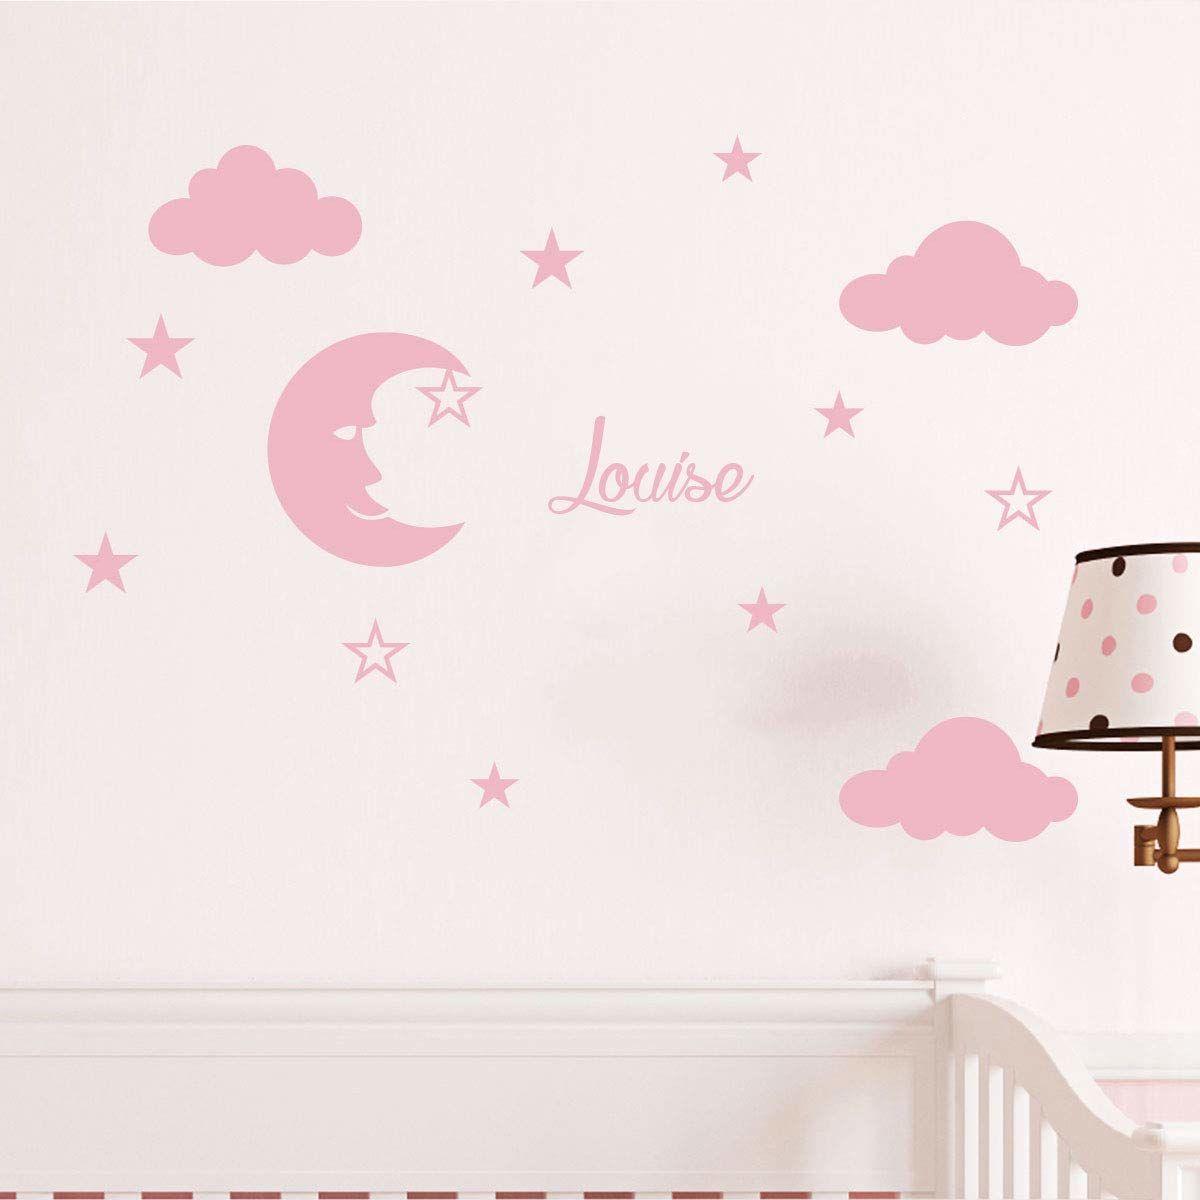 Naklejka z imieniem księżyc i chmury dekoracja ścienna do pokoju dziecięcego 2 arkusze o wymiarach 25 x 30 cm i 40 x 30 cm spersonalizowana naklejka prenom w kolorze różowym proszku